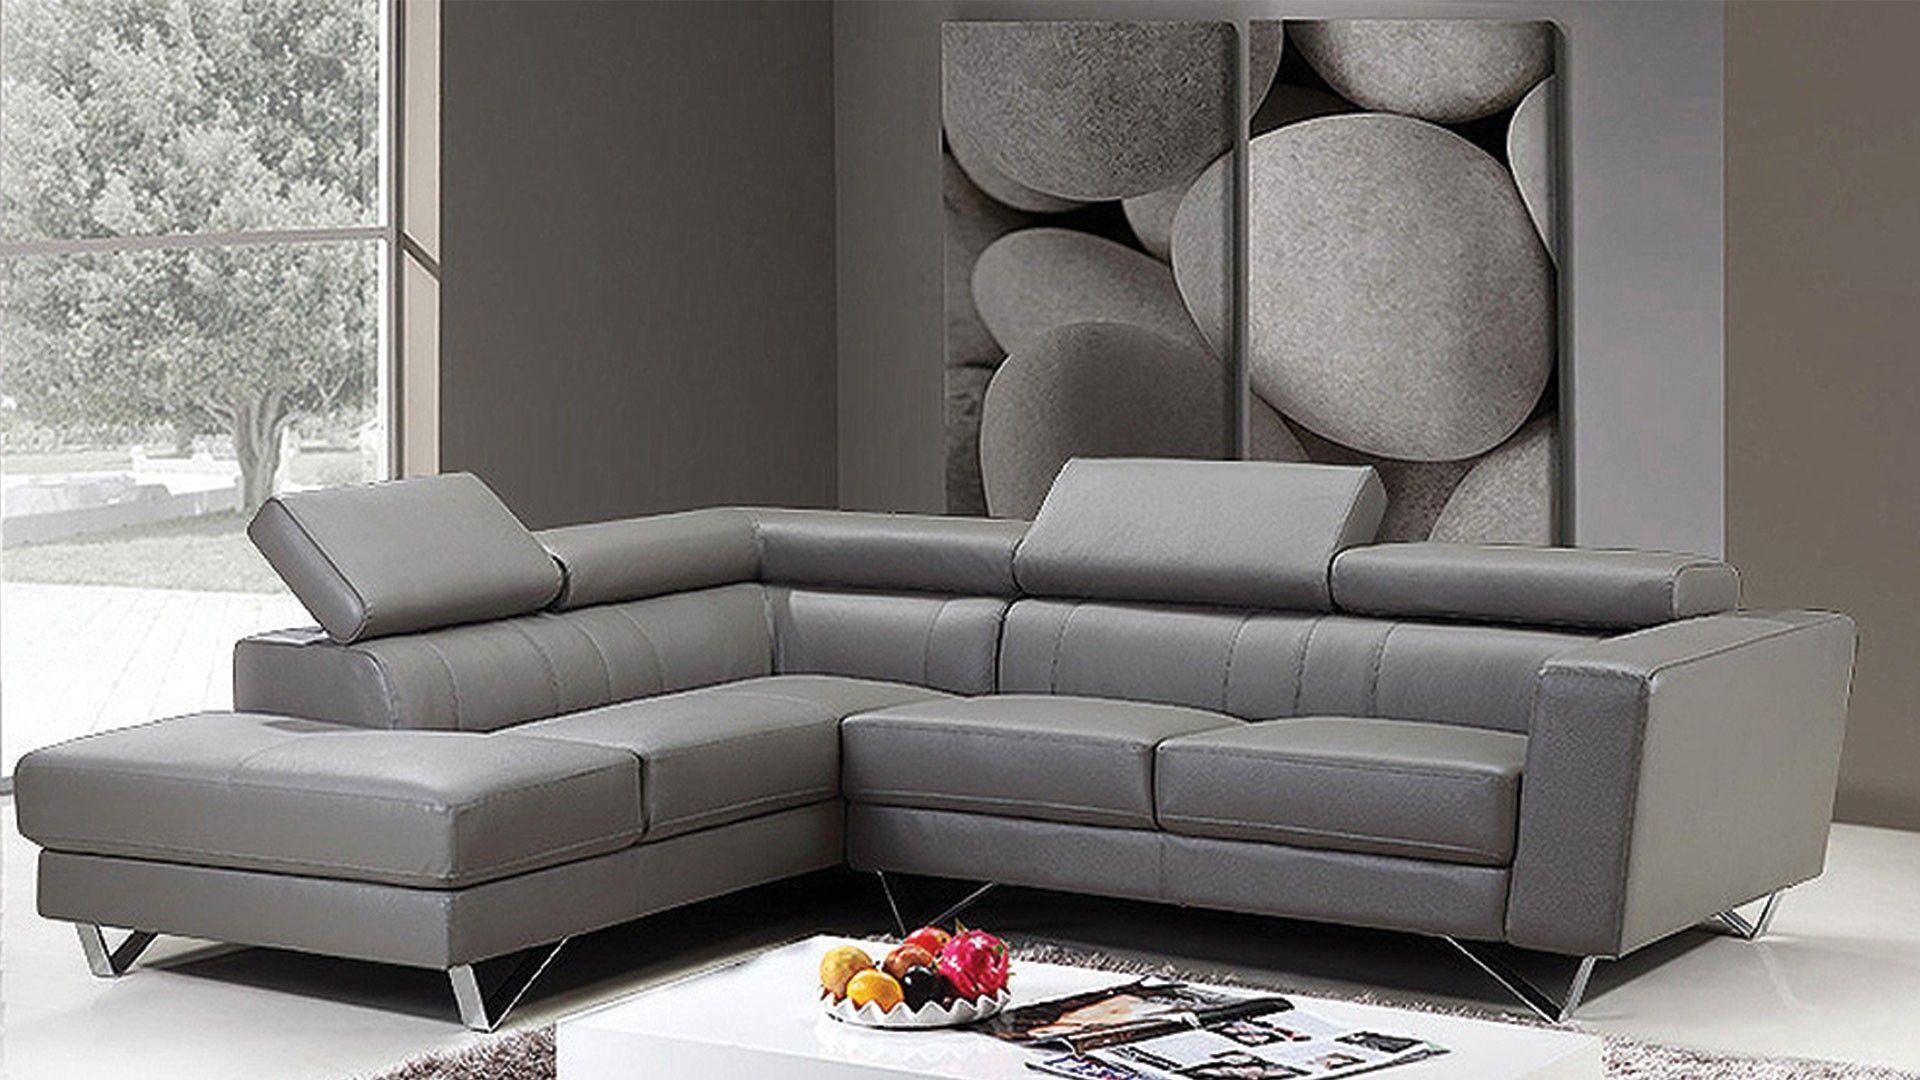 Amalia Grey Sectional $1 805 00 Sectional Sofas